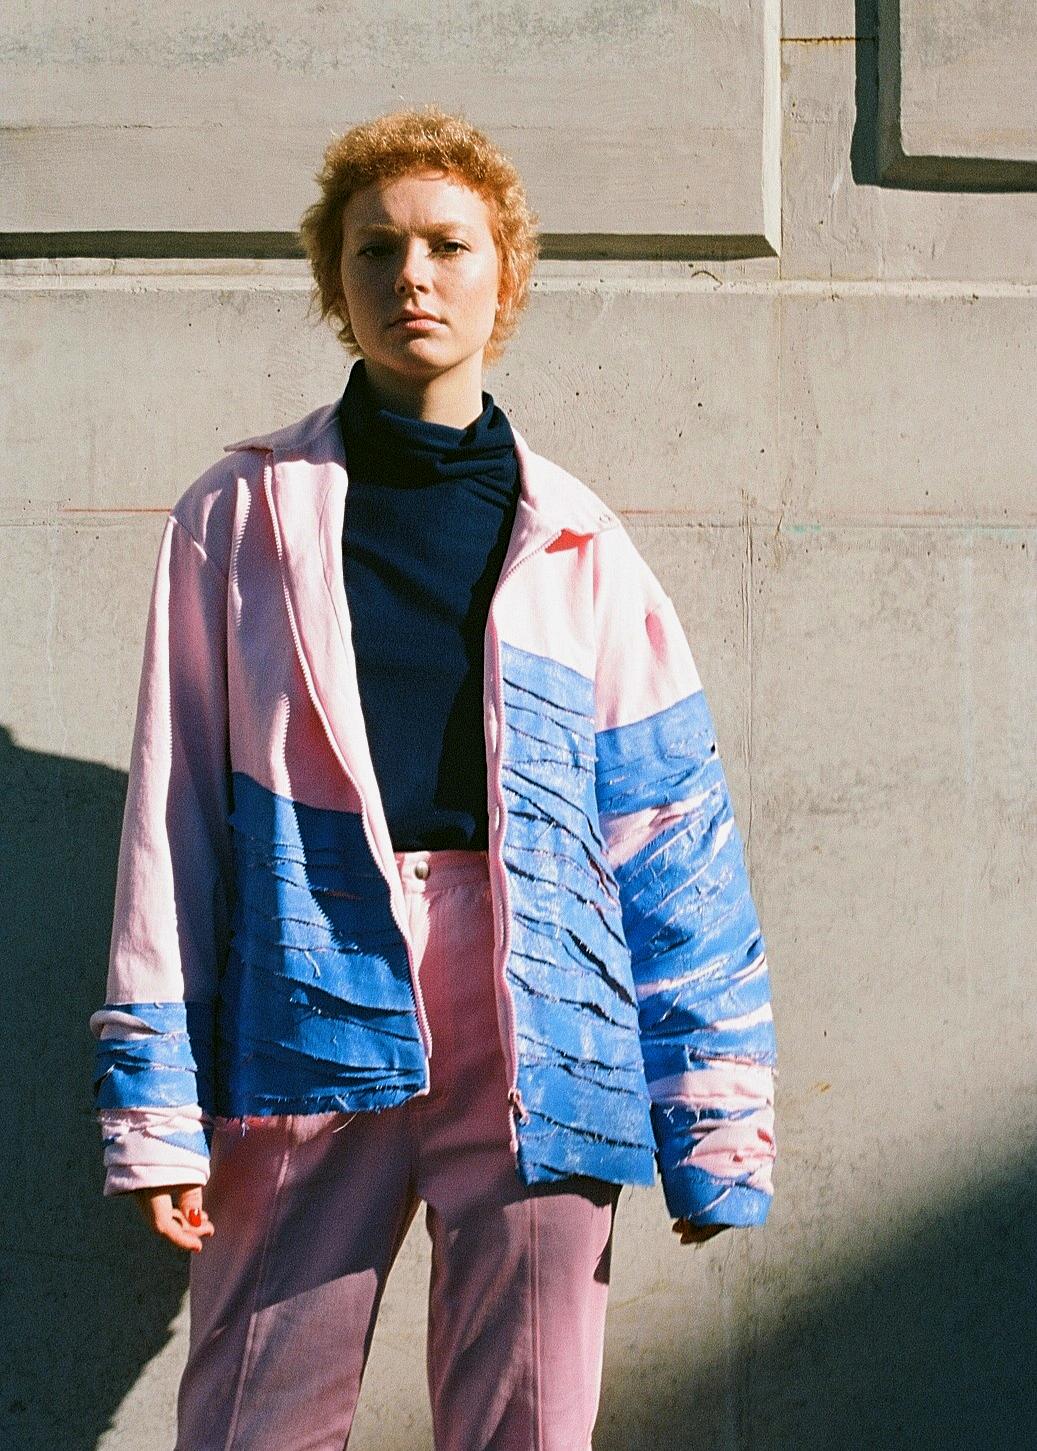 pinkjacket_4.png